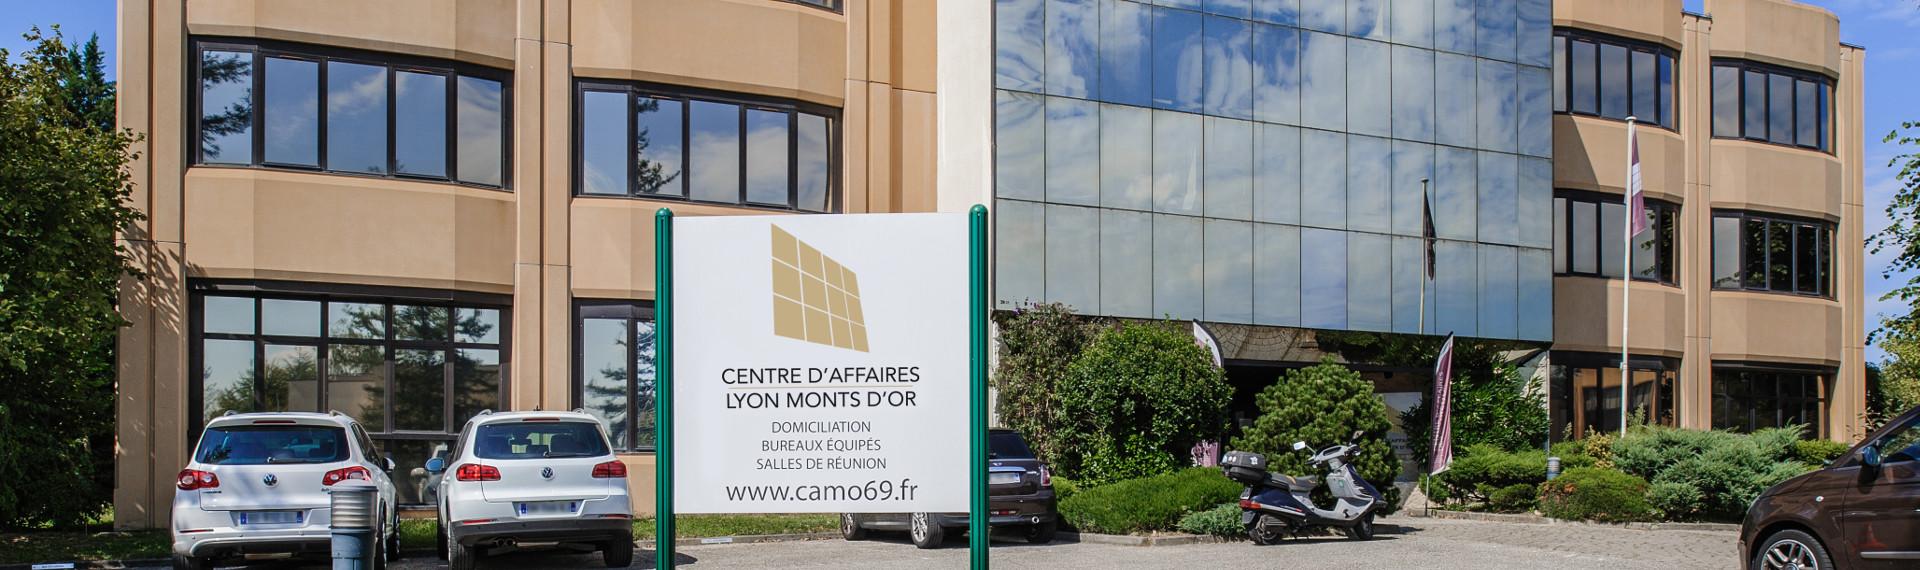 Centre d'affaires et domiciliation